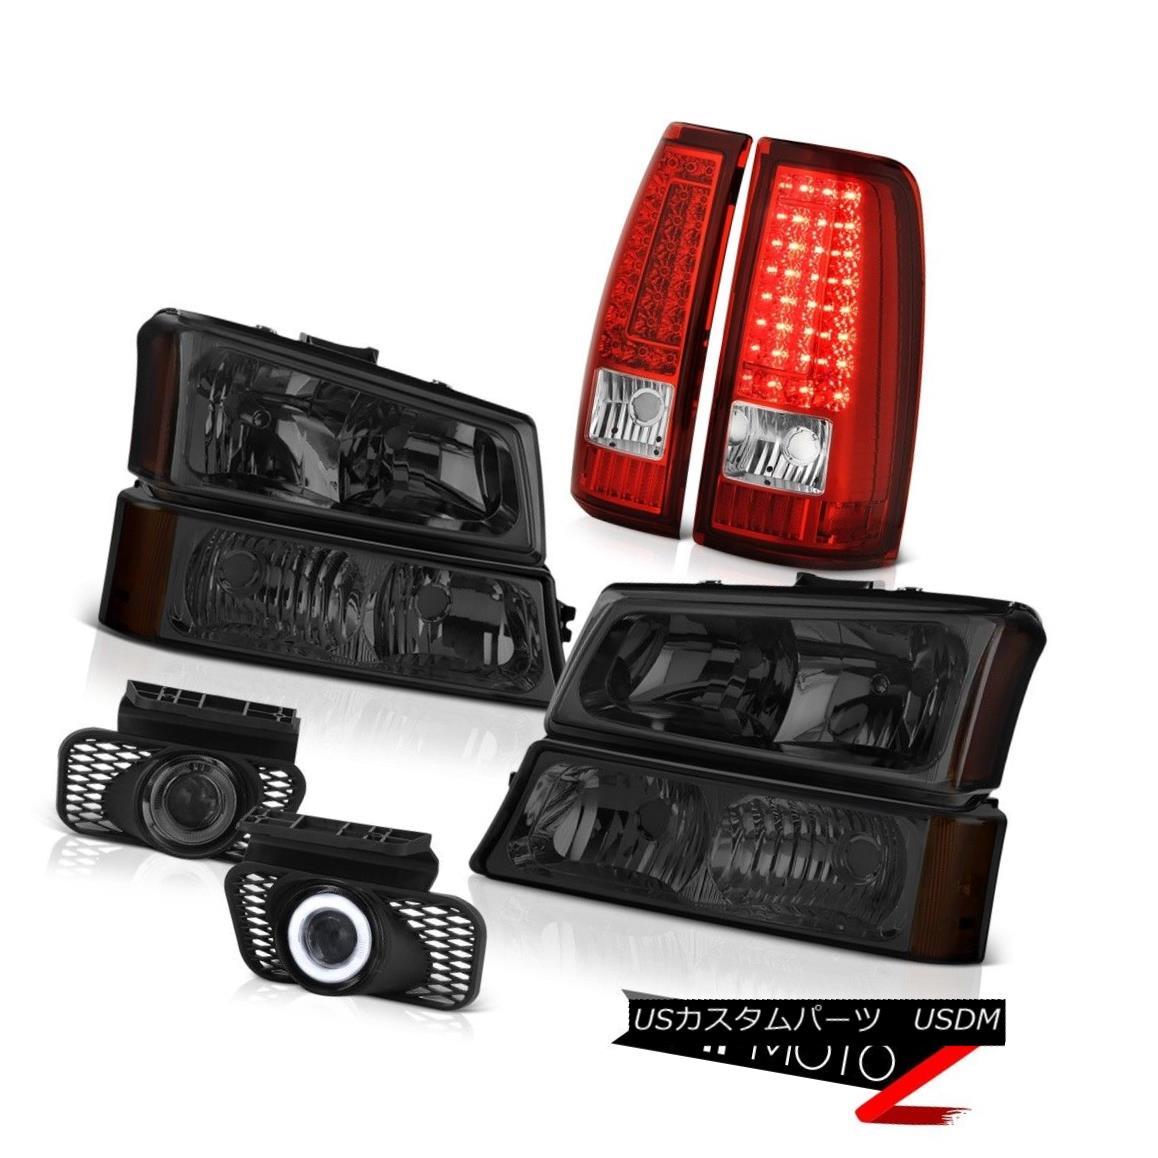 テールライト 03-06 Silverado 1500 Smoked Fog Lights Rosso Red Tail Brake Lamps Headlamps SMD 03-06 Silverado 1500スモークフォグライトロッソレッドテールブレーキランプヘッドランプSMD